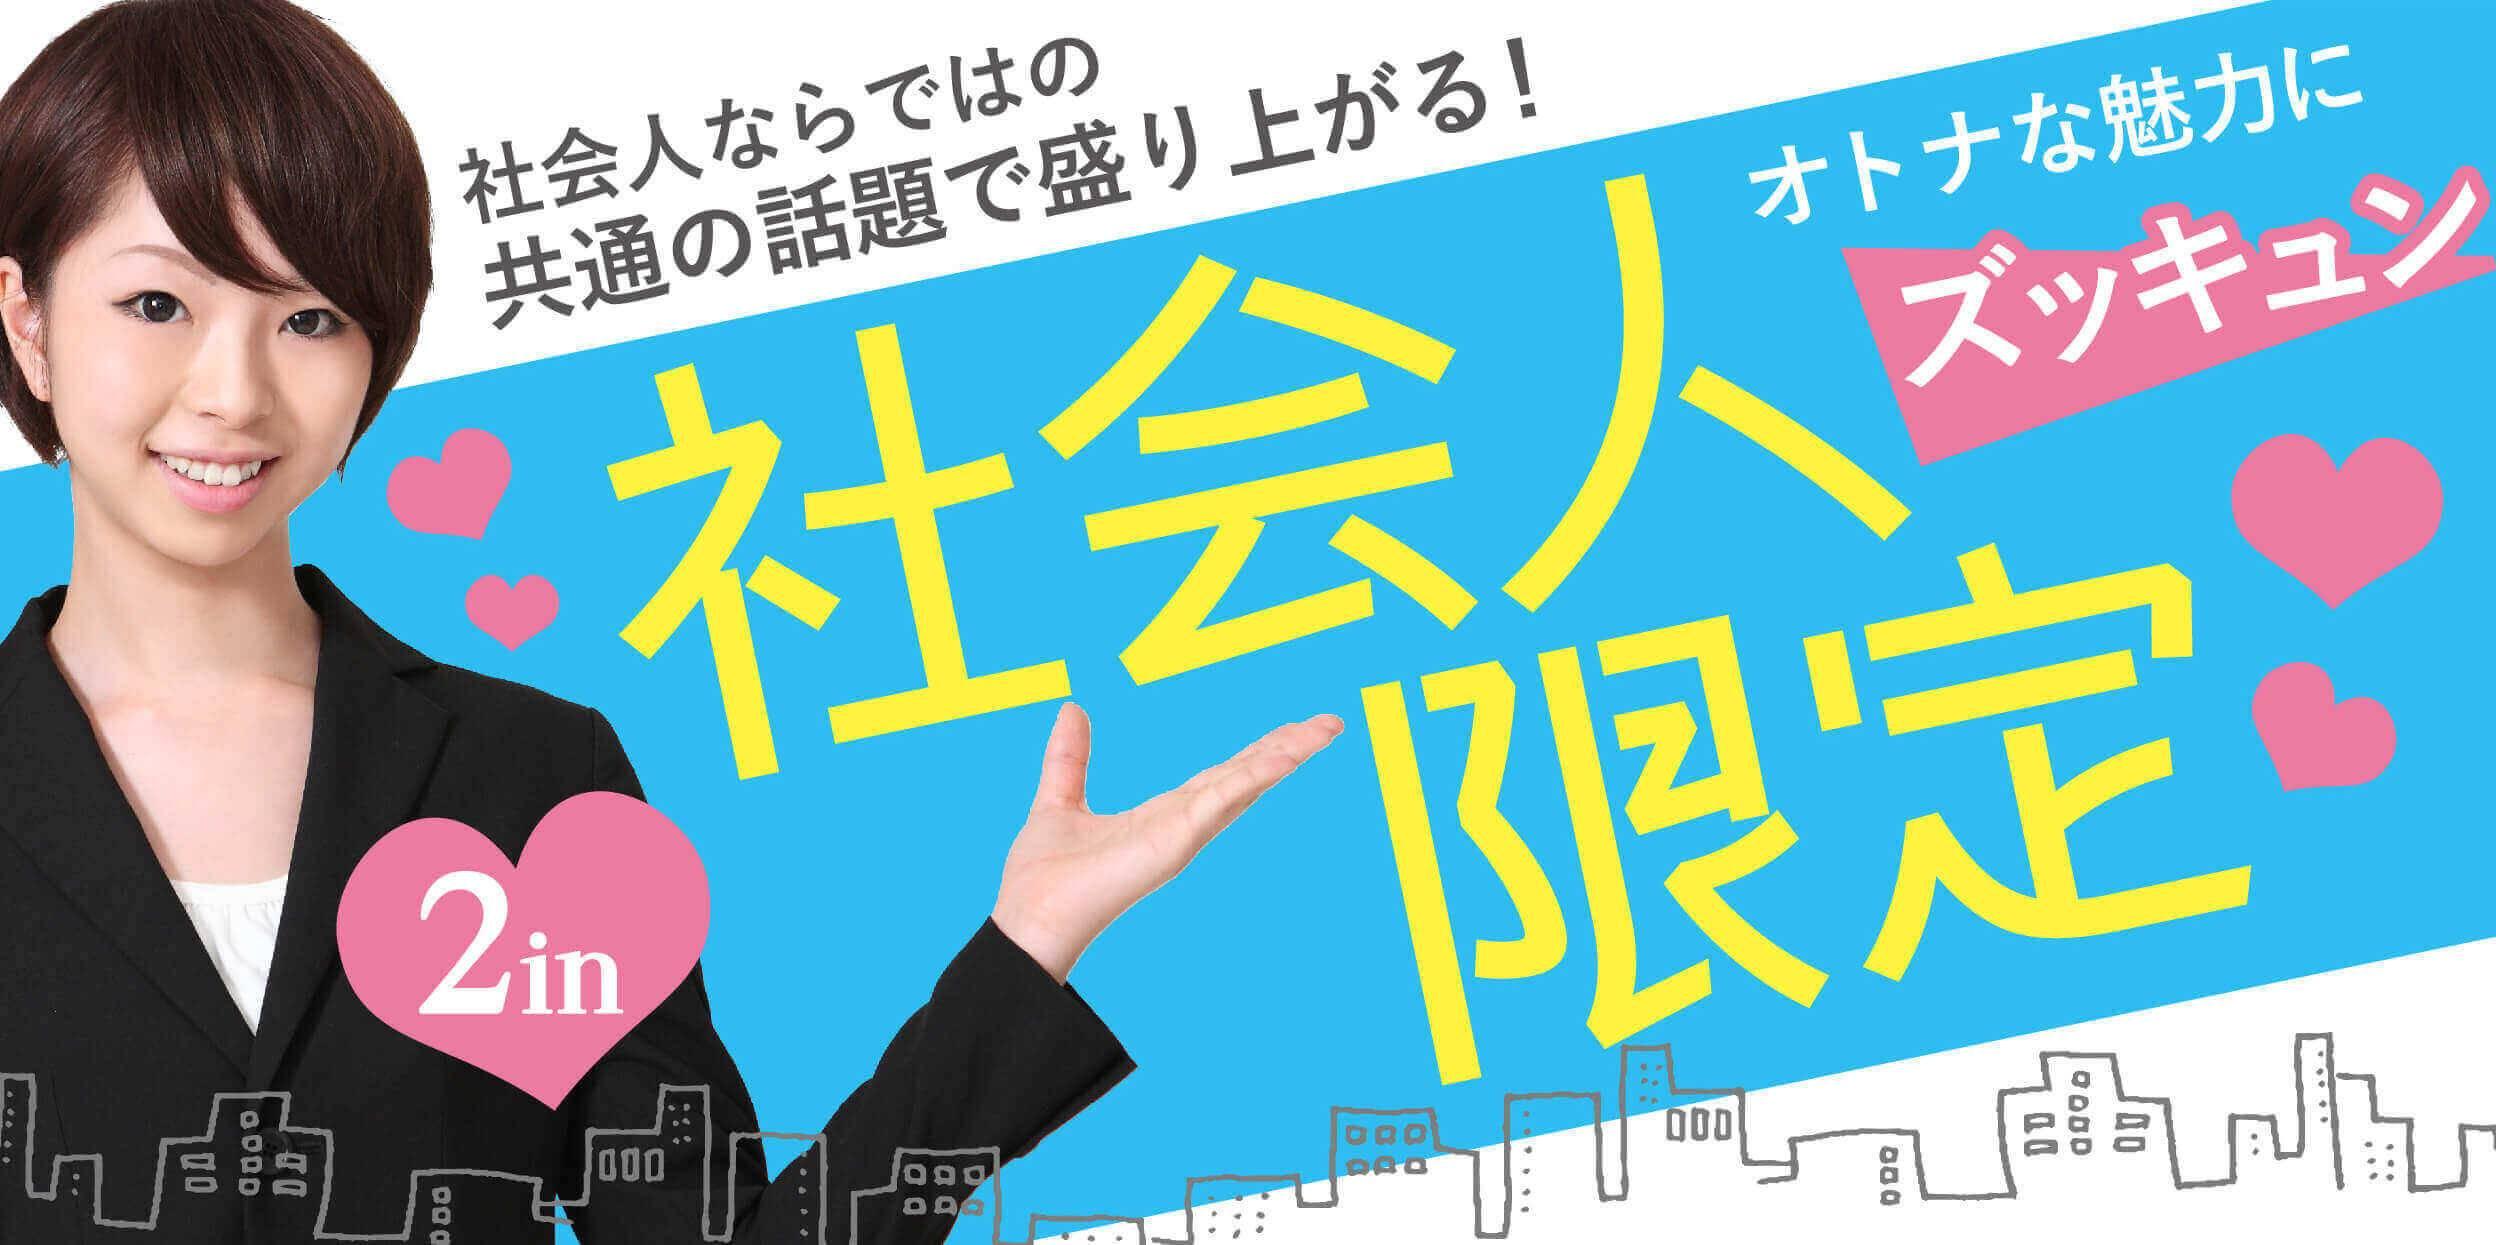 【社会人だからこそ分かり合える★】【初参加・一人参加大歓迎♪♪】7月7日(金)素敵な大人の社会人限定コンin広島〜大人な出逢い★社会人同士だからこそできる話もたくさん〜